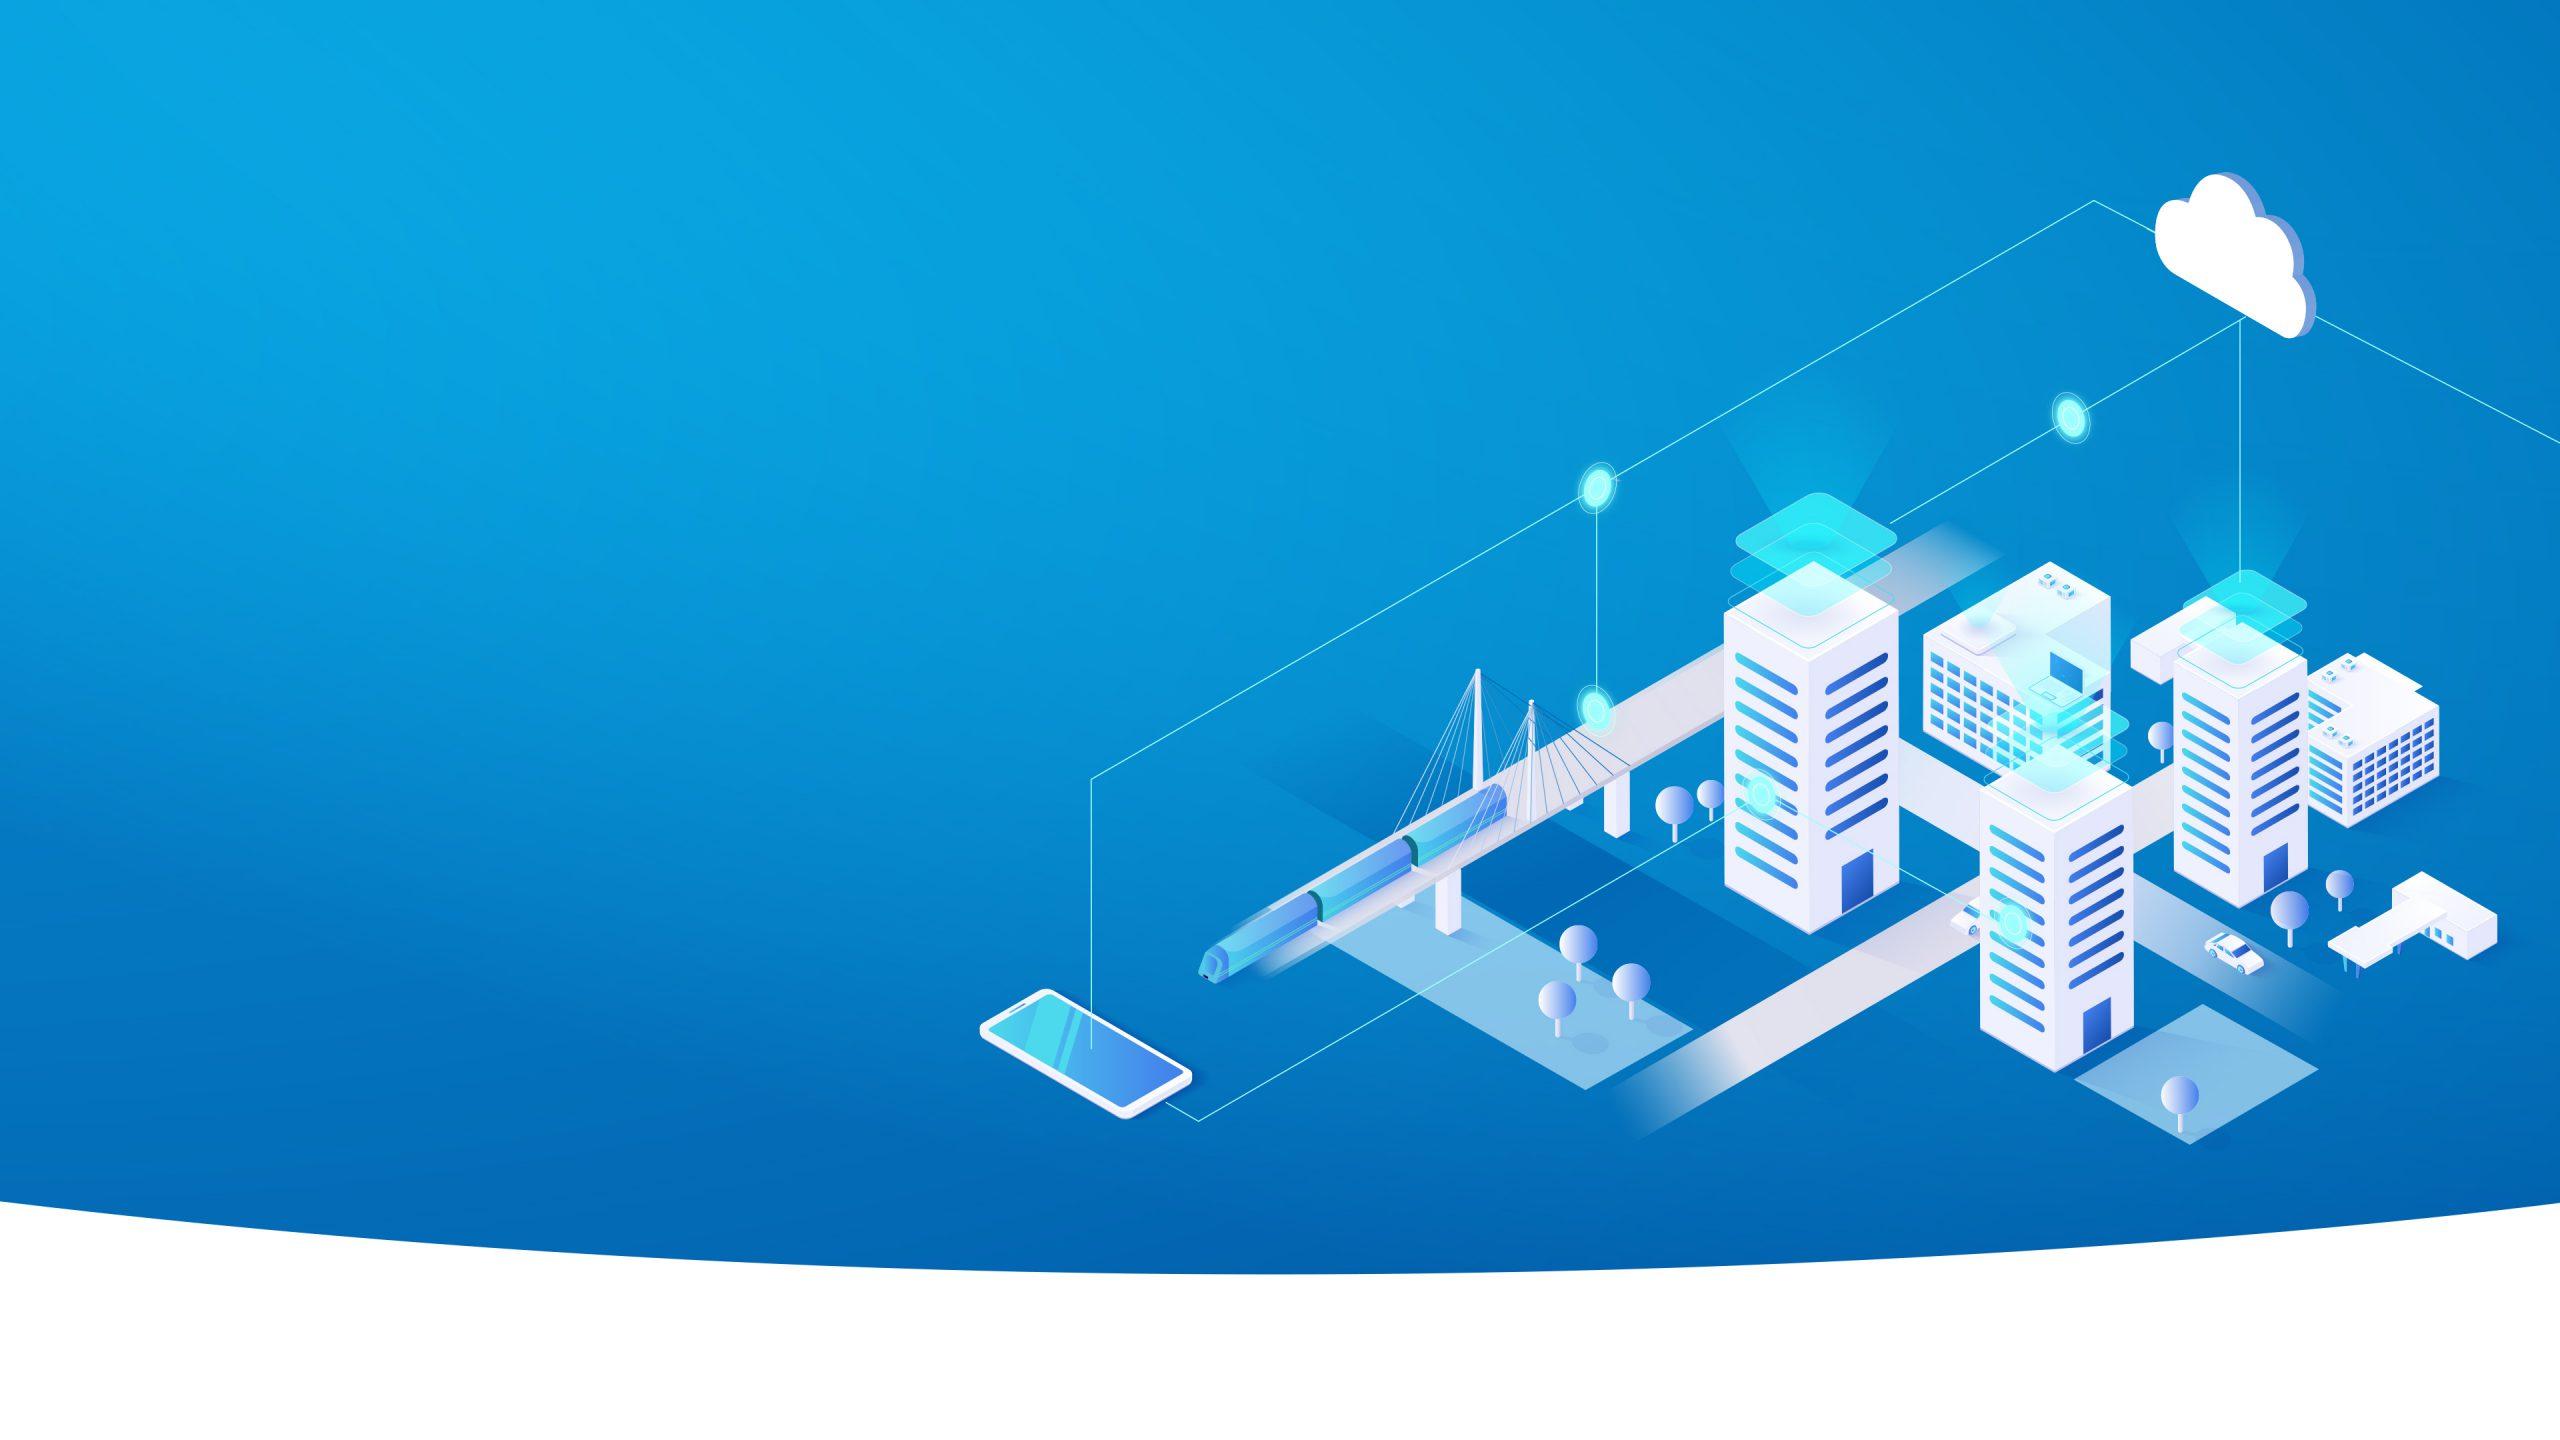 Galleo - Digitalisering in de bouw